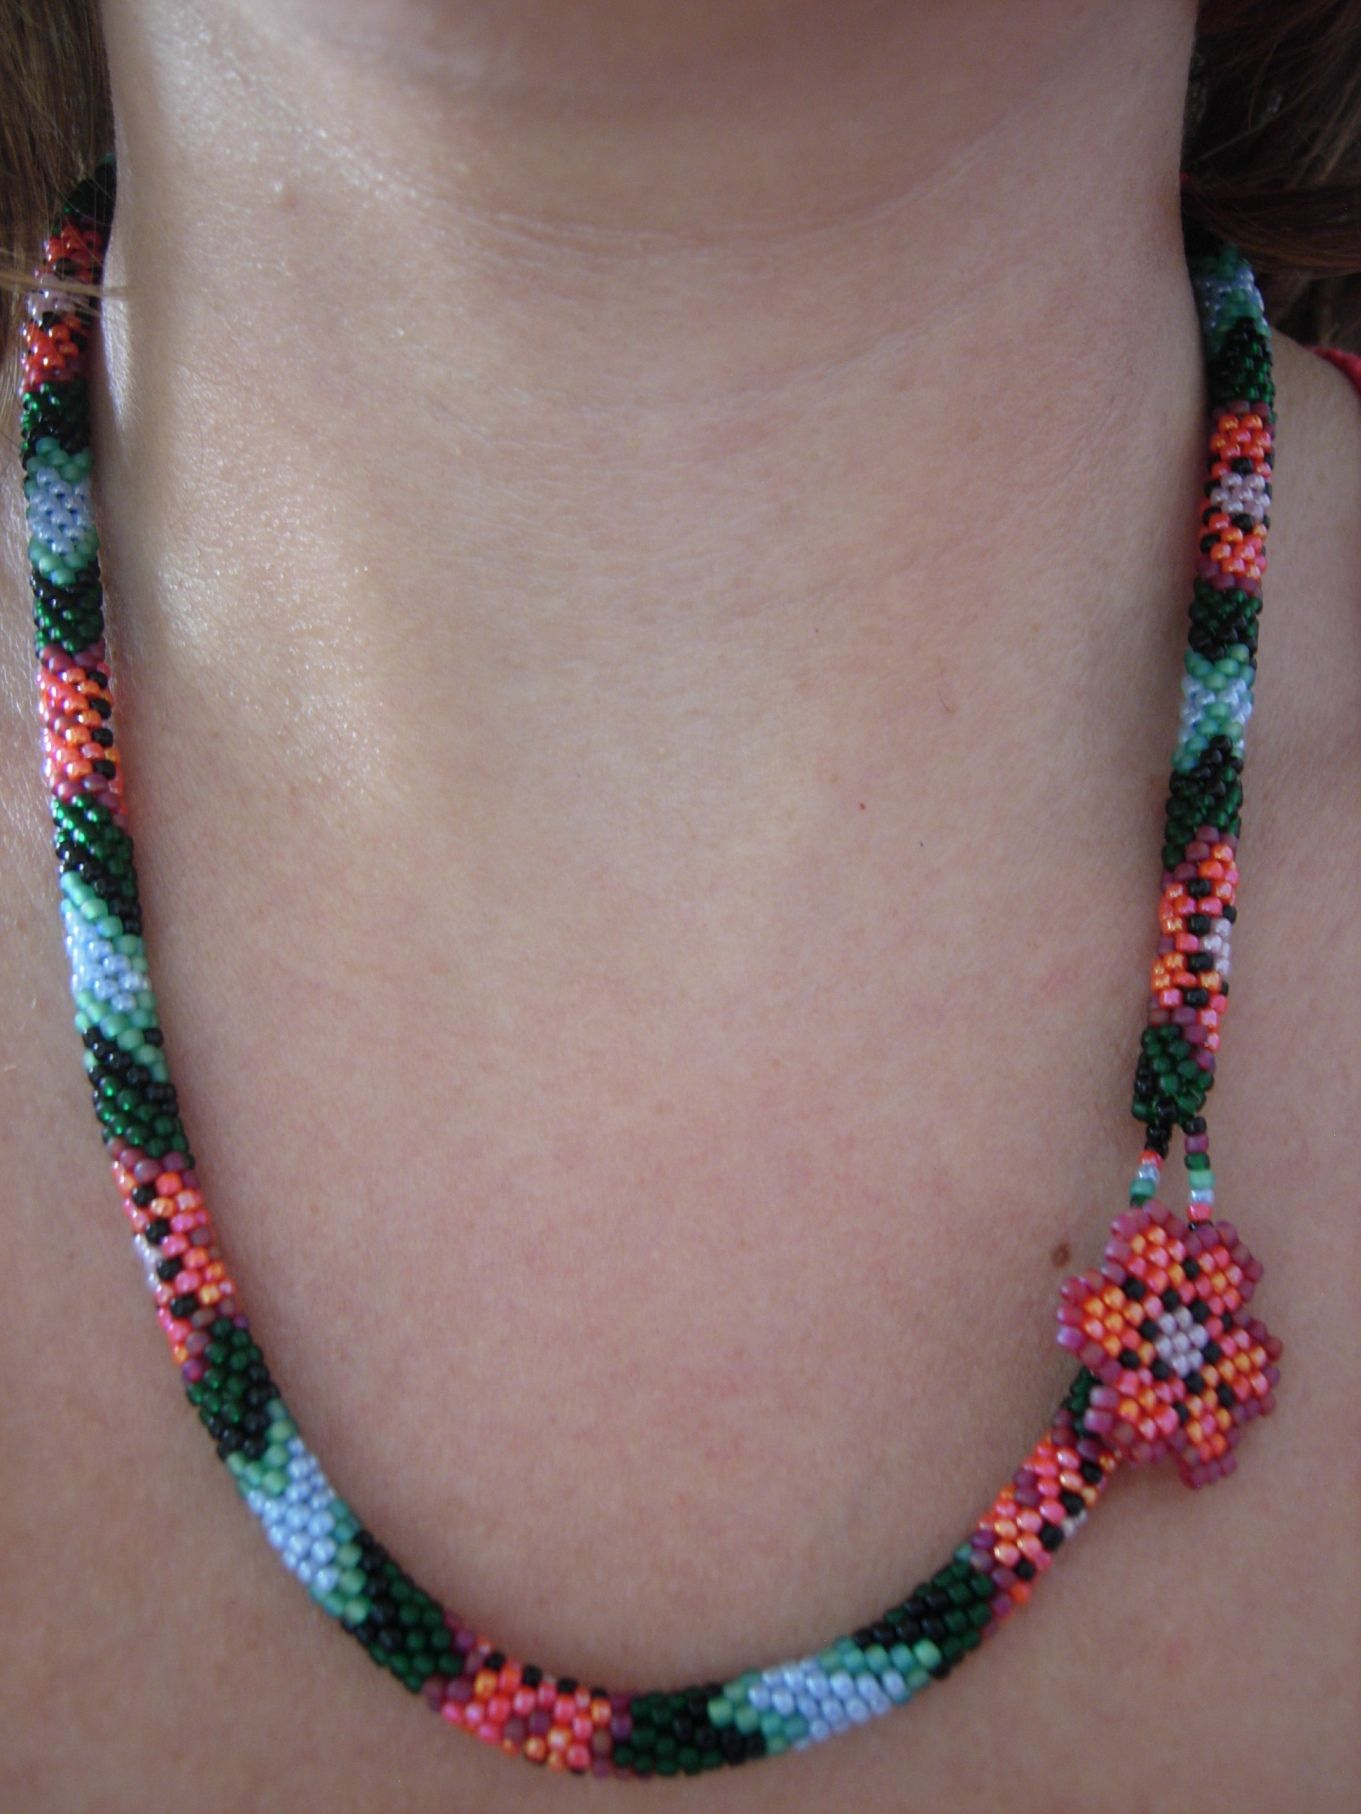 Posición 1 del collar Flores y Hojas